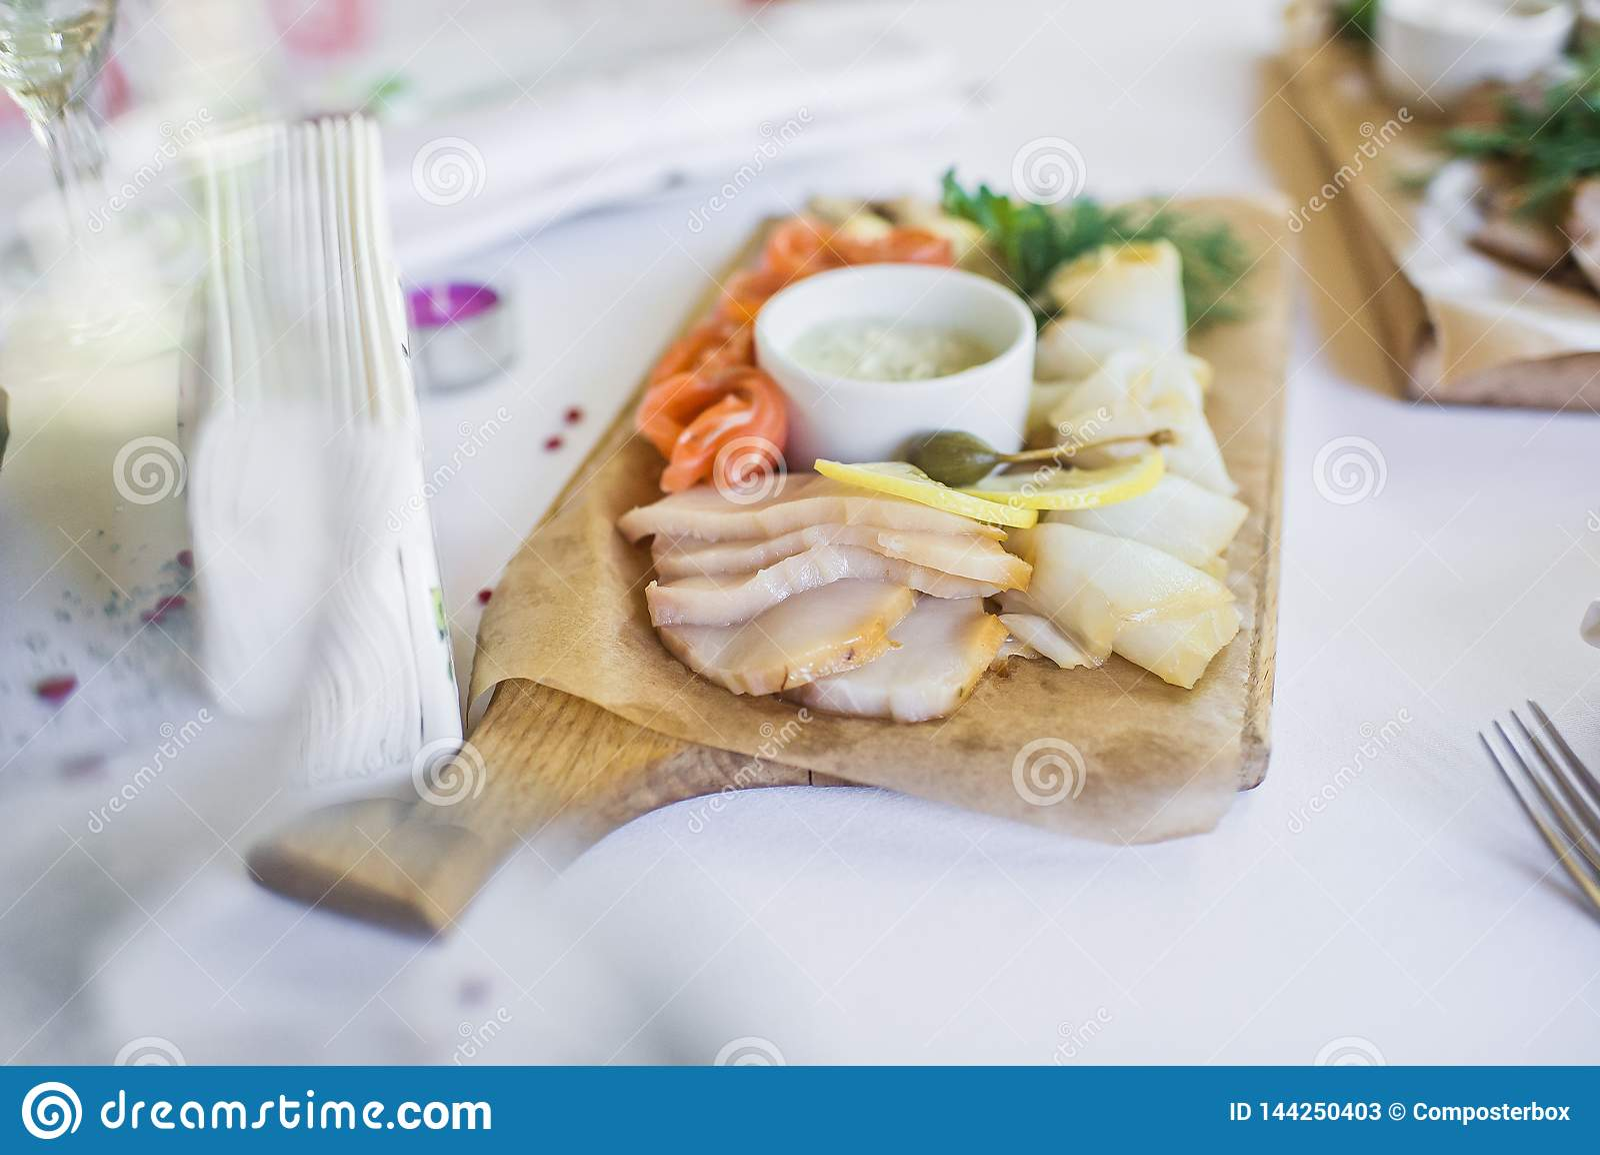 Scheiben von verschiedenen gesalzenen Fischen - Lachse, muksun, öliger Fisch auf hölzernem Schneidebrett Restaurant